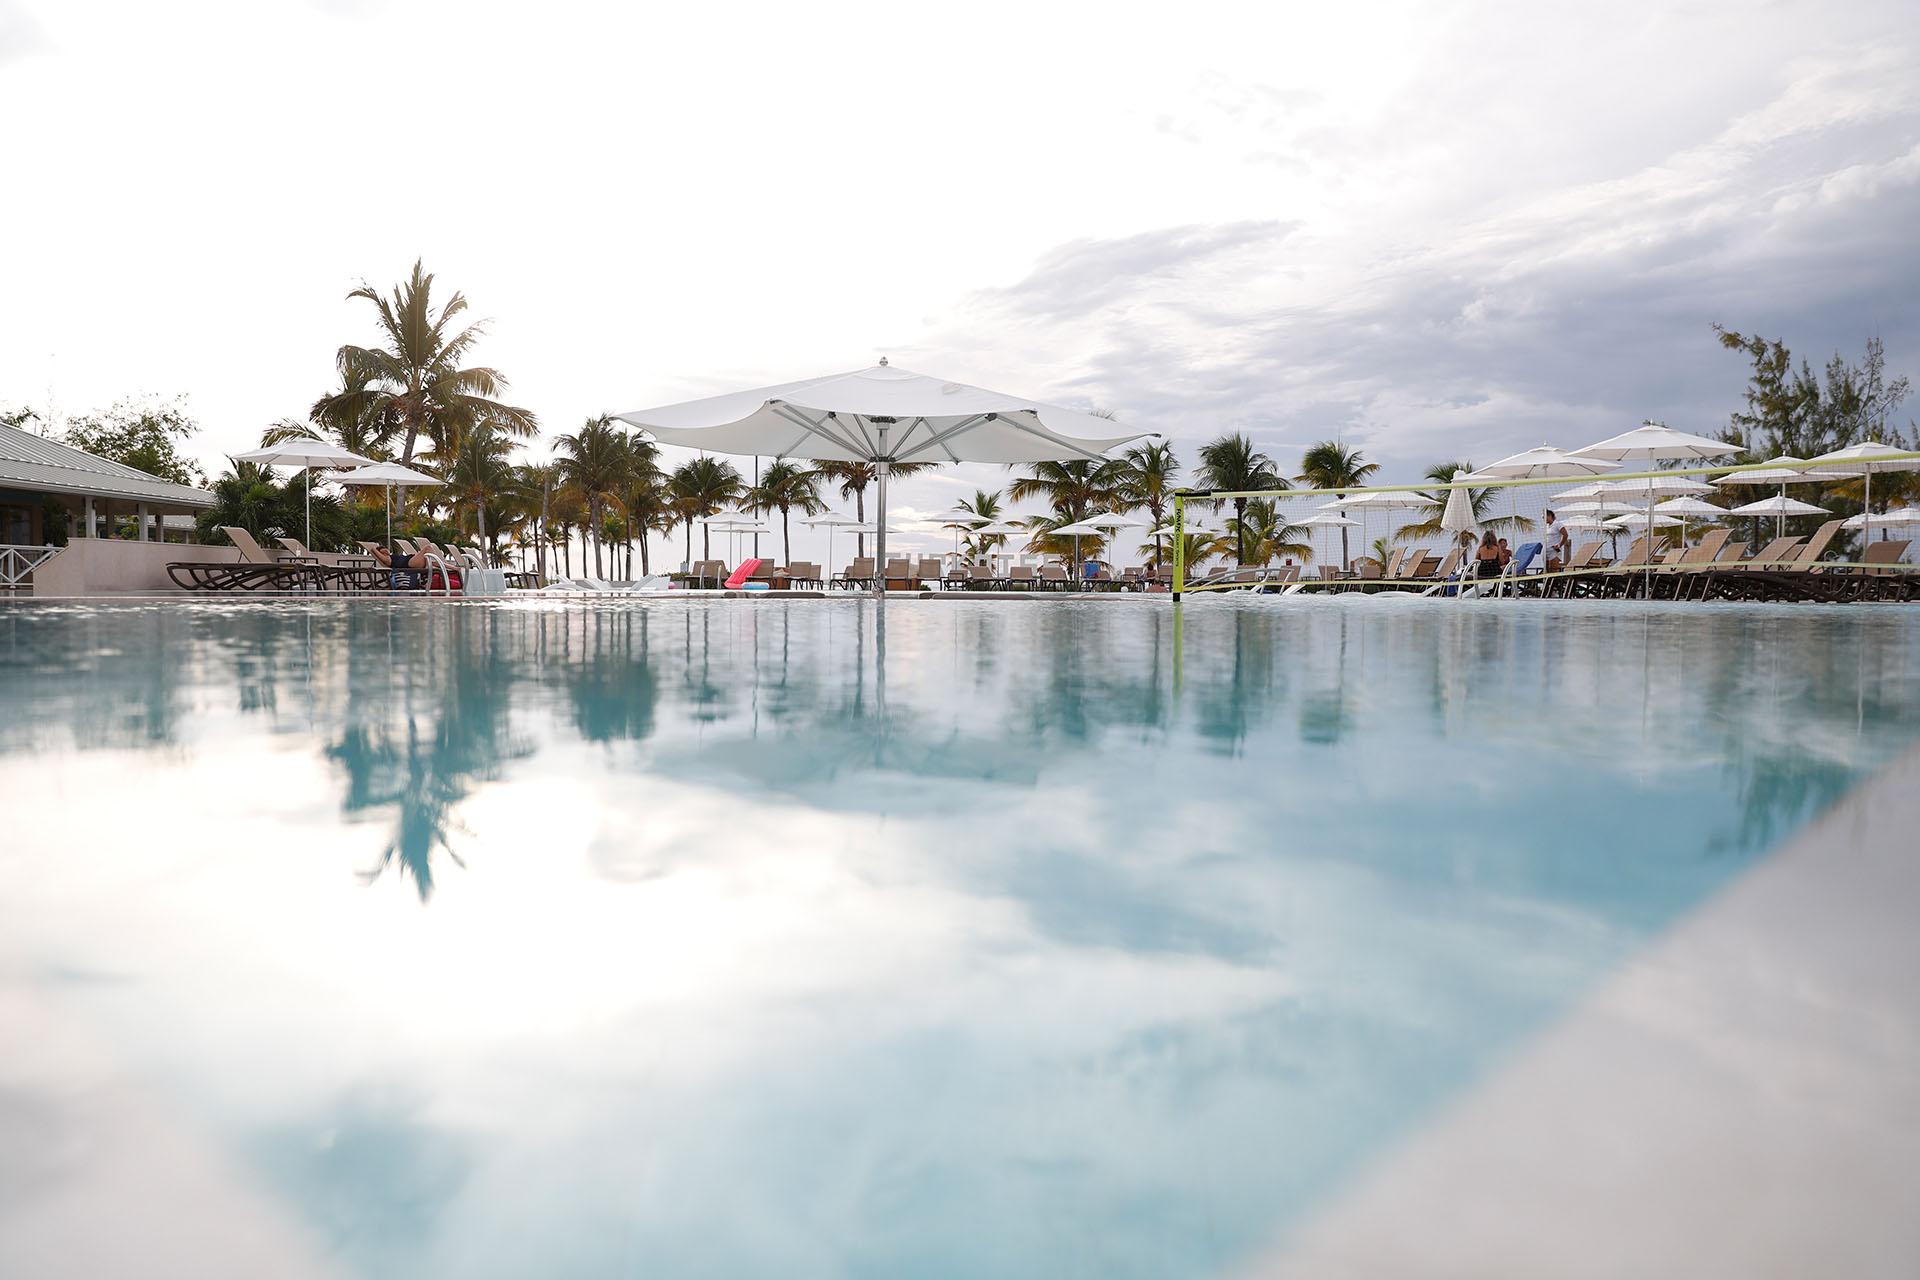 No todo es actividad deportiva, en la piscina relajarse al sol y deleitarse con un buen trago junto a la barra también es una excelente opción